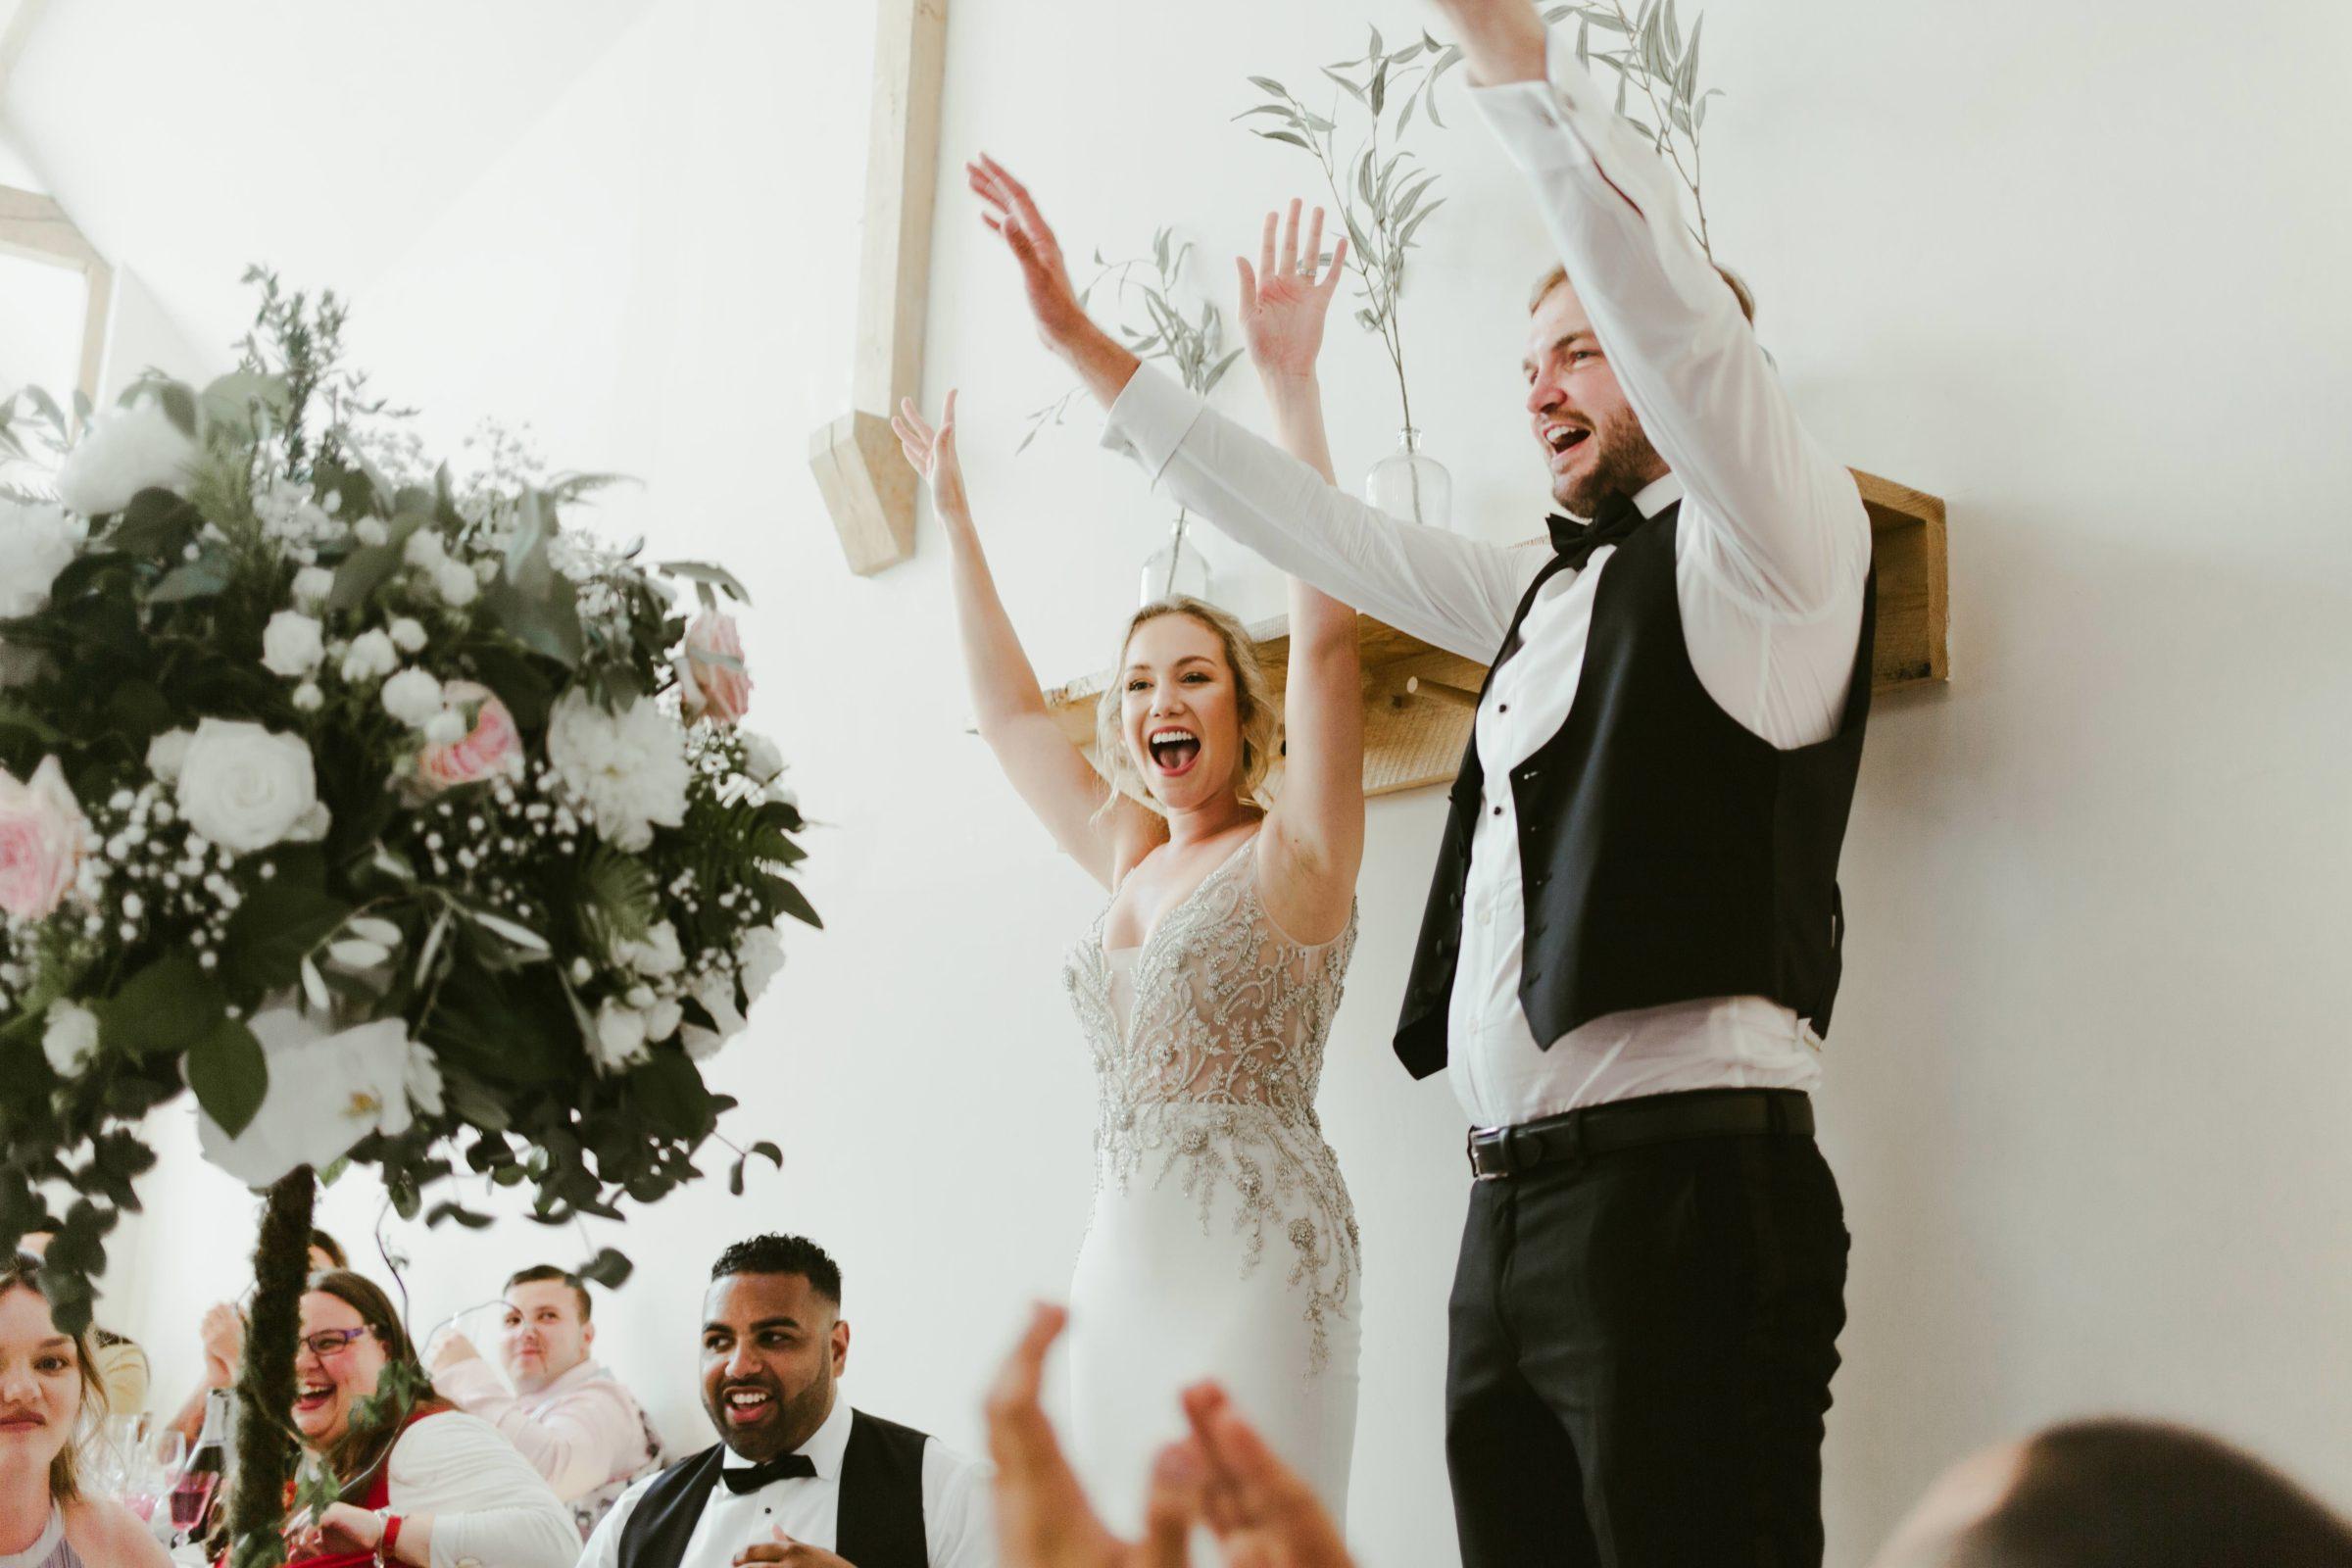 millbridge-court-wedding-venue-frensham-surrey-uk-photography-photographer